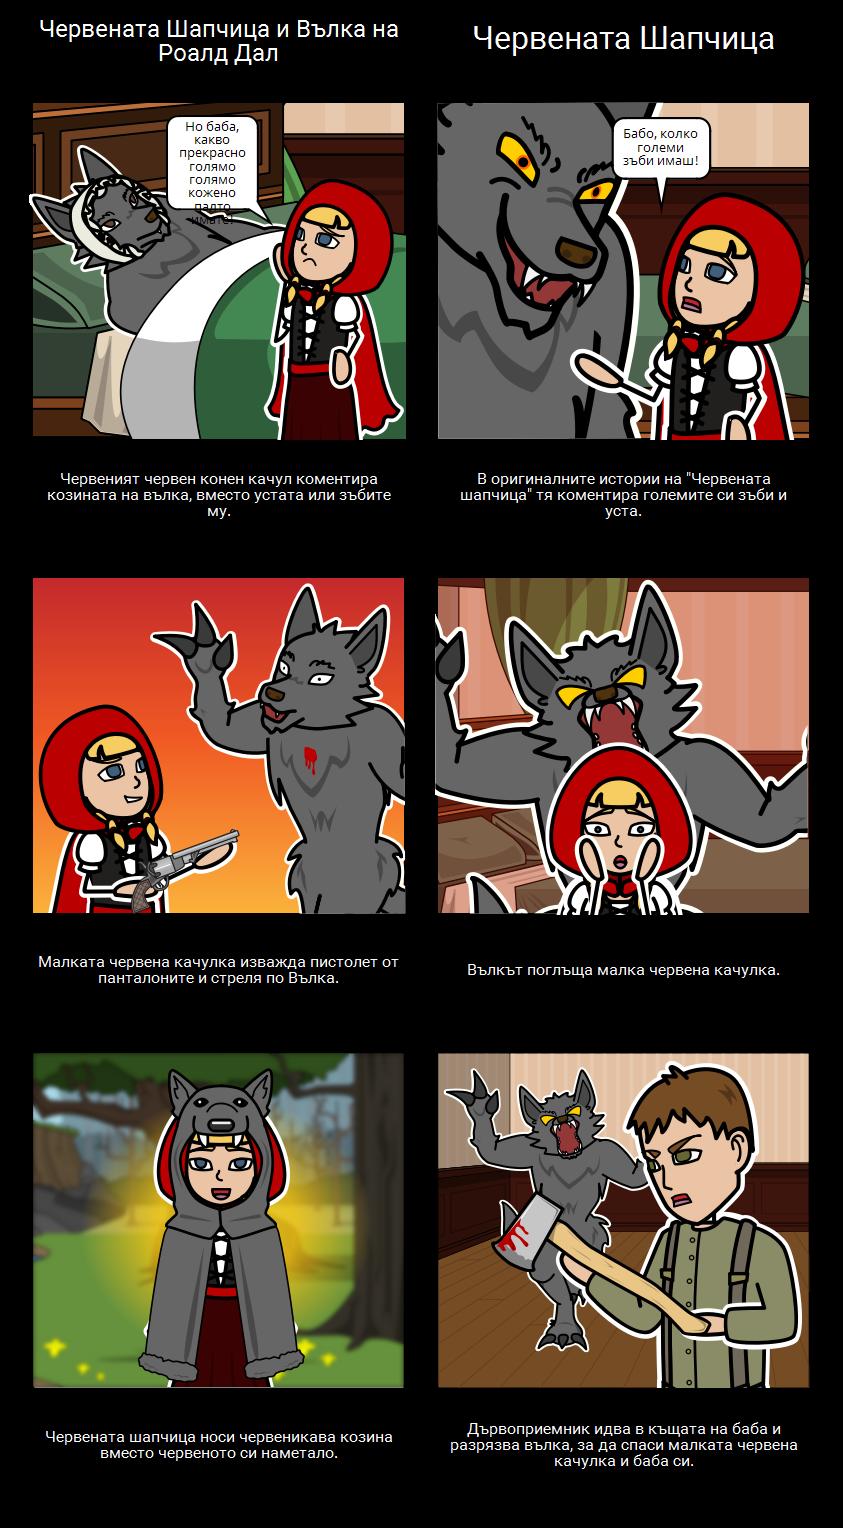 Червената Шапчица и Вълкът - Сравнение / Контраст